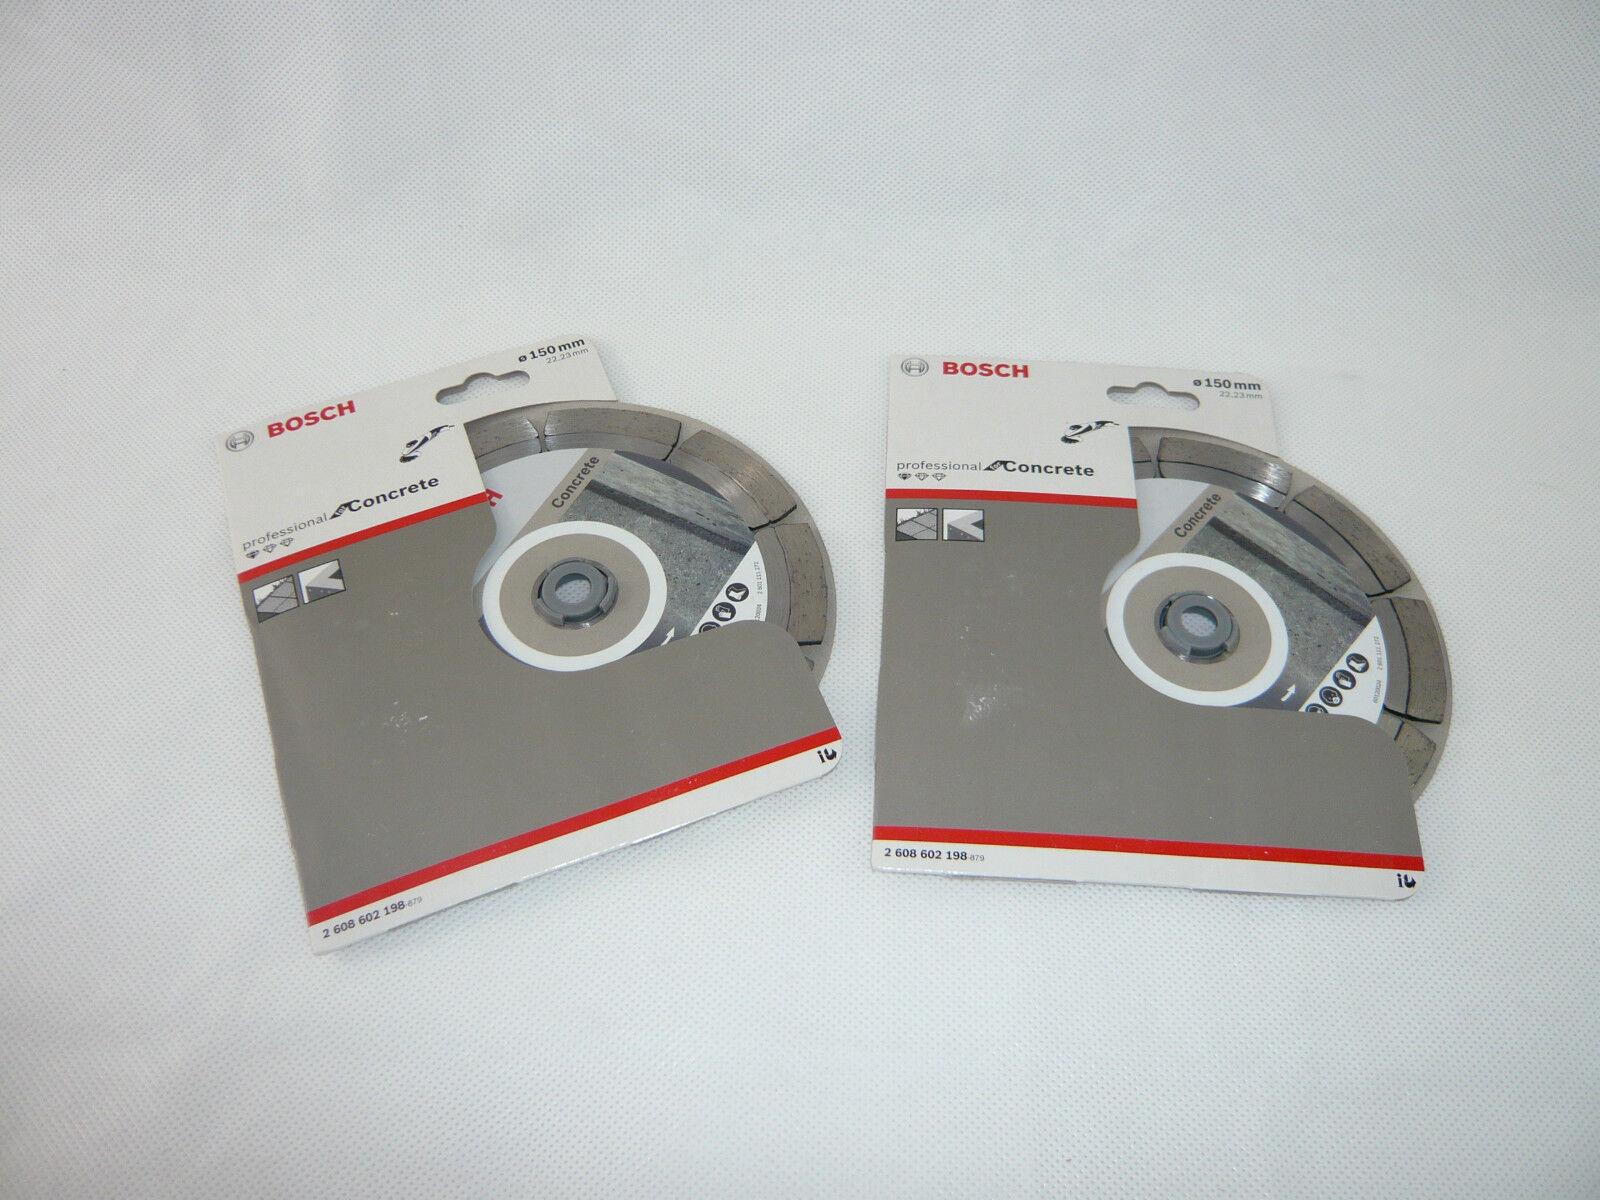 2x BOSCH 150mm Diamanttrennscheibe Standard for Concrete 2 608 602 198 GNF 35 CA